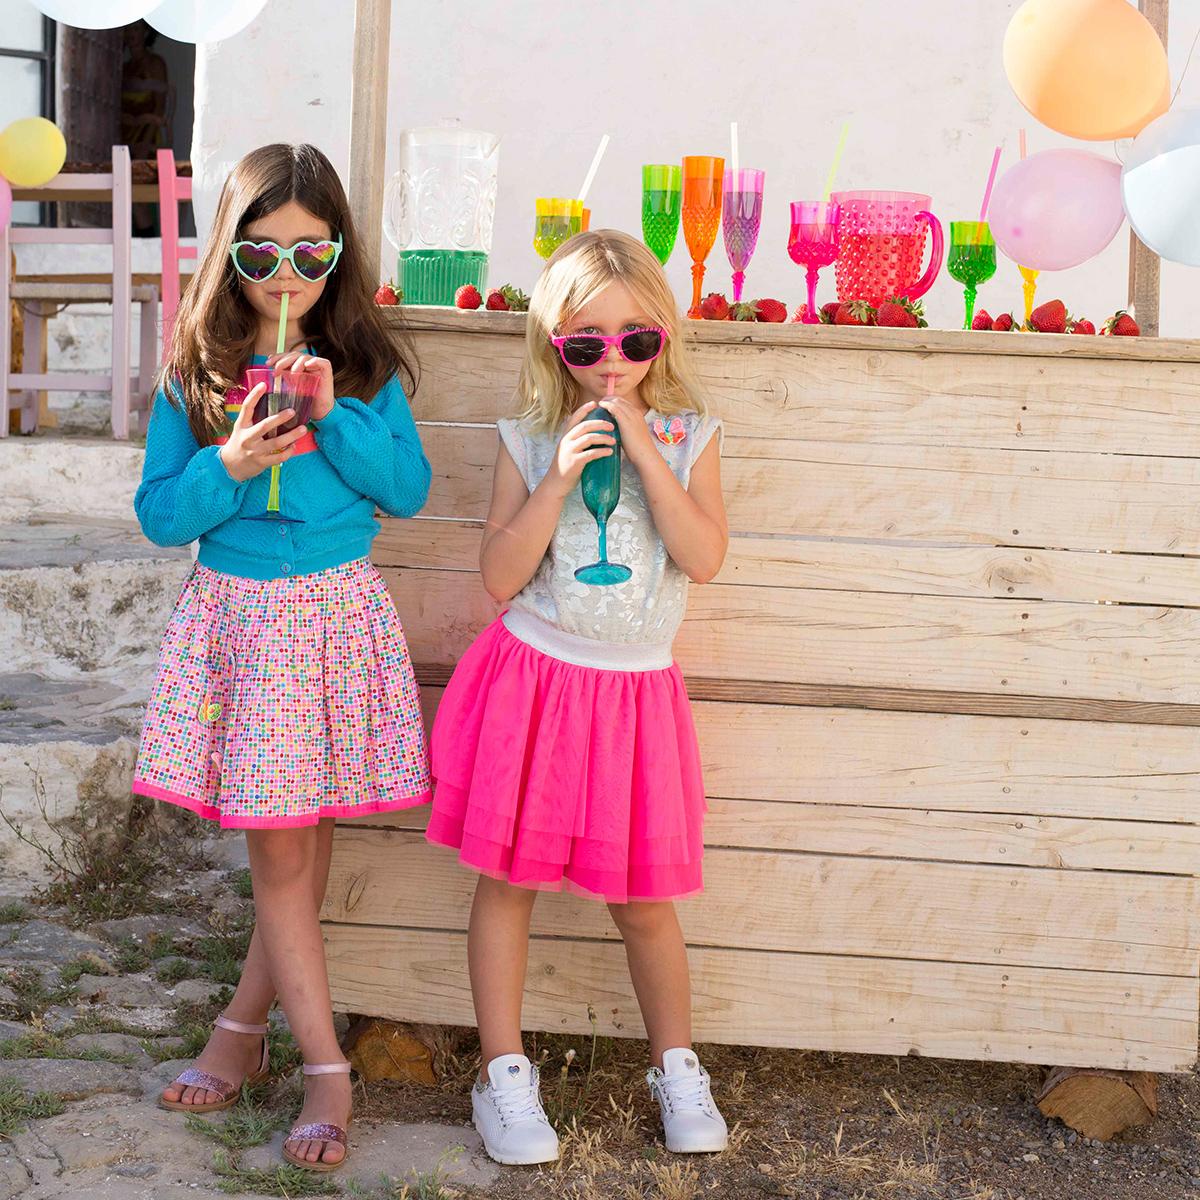 Winkelen voor voordelige Meisjeskleding? Wij hebben geweldige Meisjeskleding in de uitverkoop. Bestel nu voordelige Meisjeskleding online bij comfoisinsi.tk!